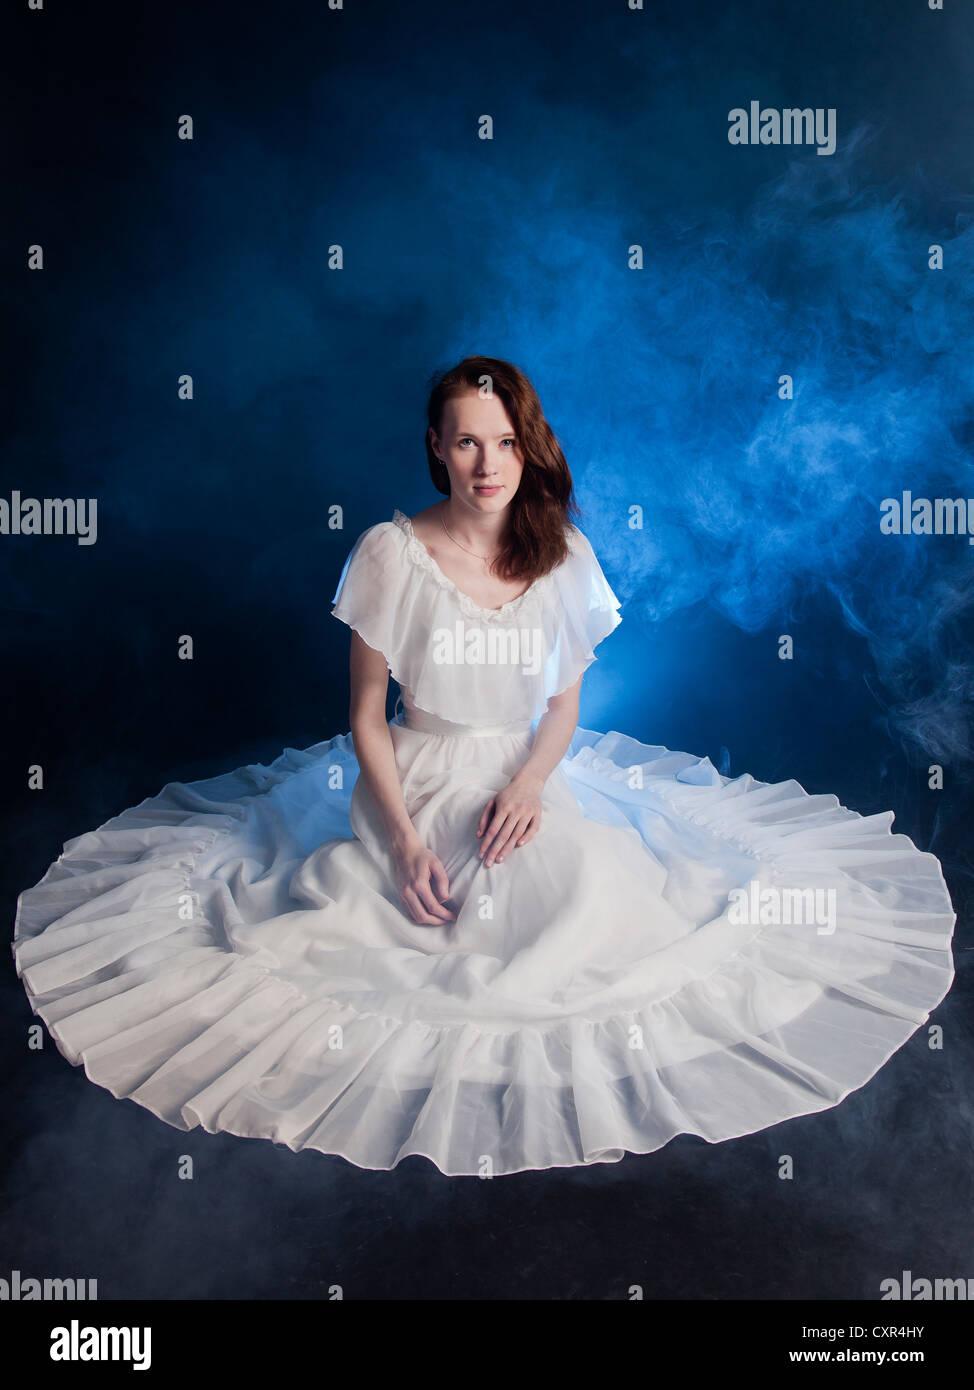 Eine junge Braut Hochzeit Kleid auf Boden blauer Rauch um sie herum ...